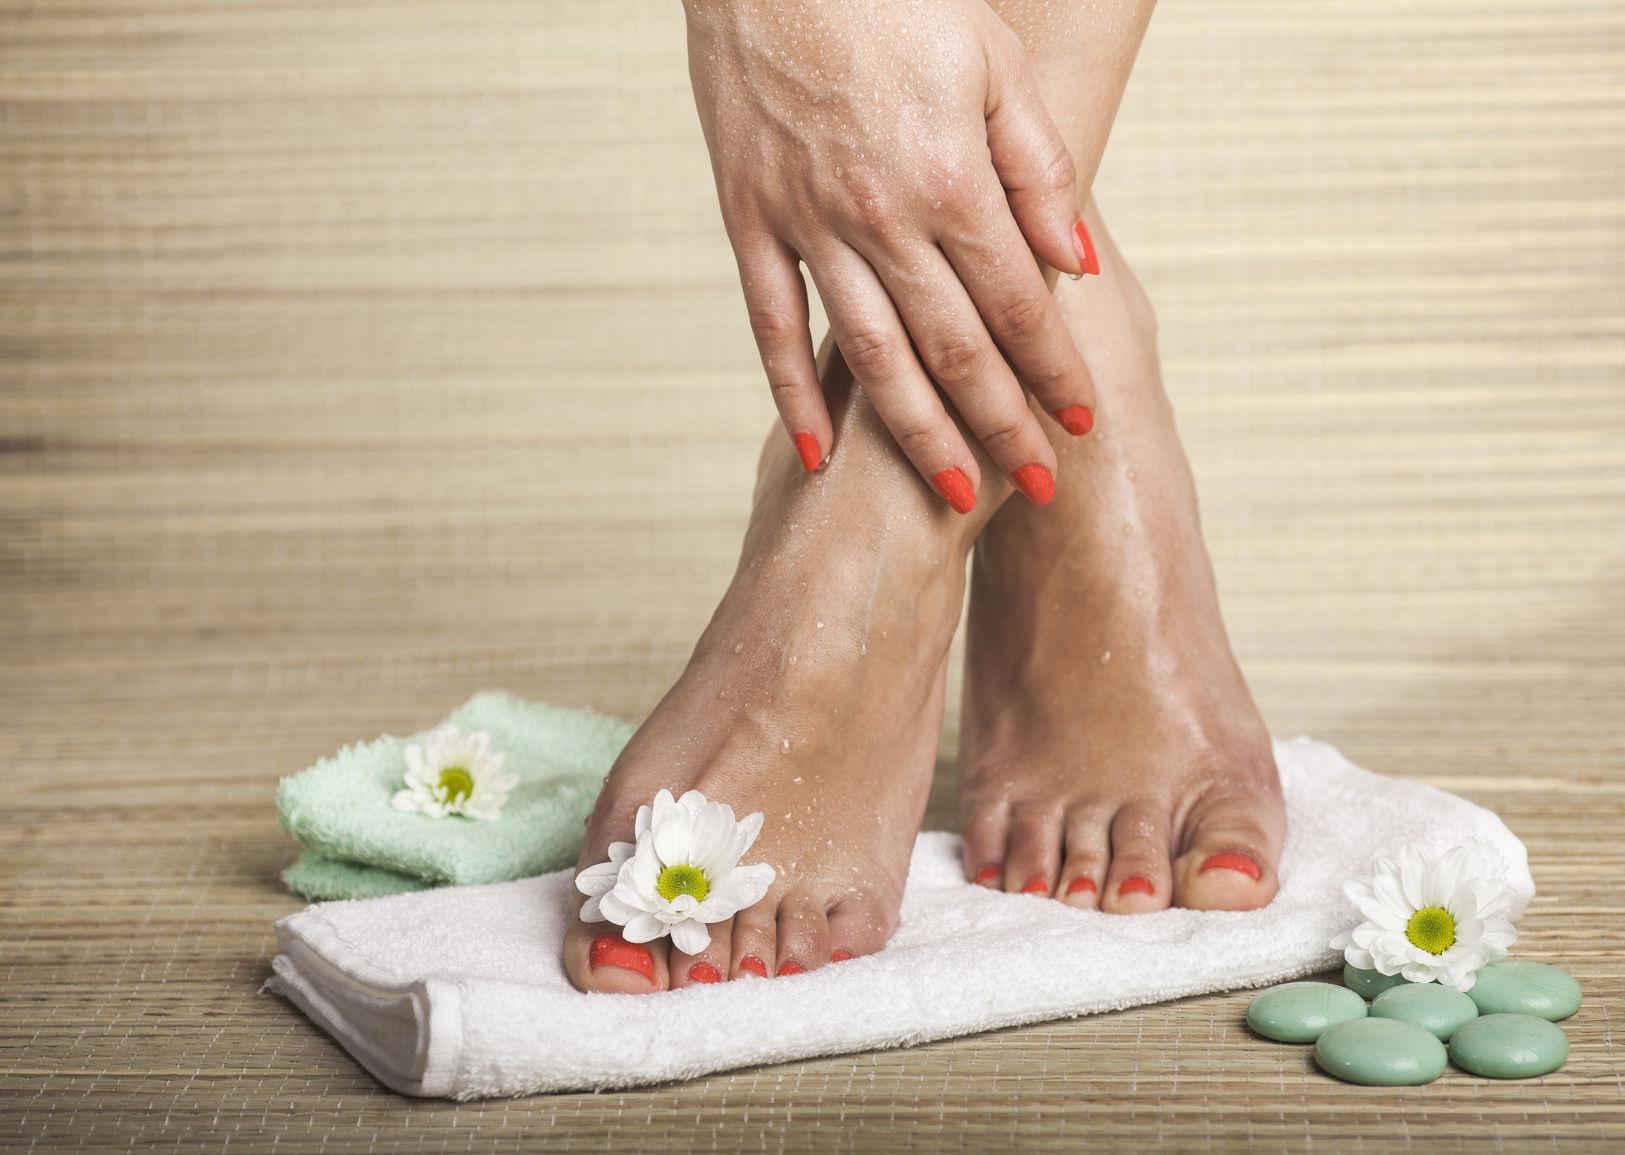 Artrite picioarele cum să tratezi. Reduce picioarelor cauza din